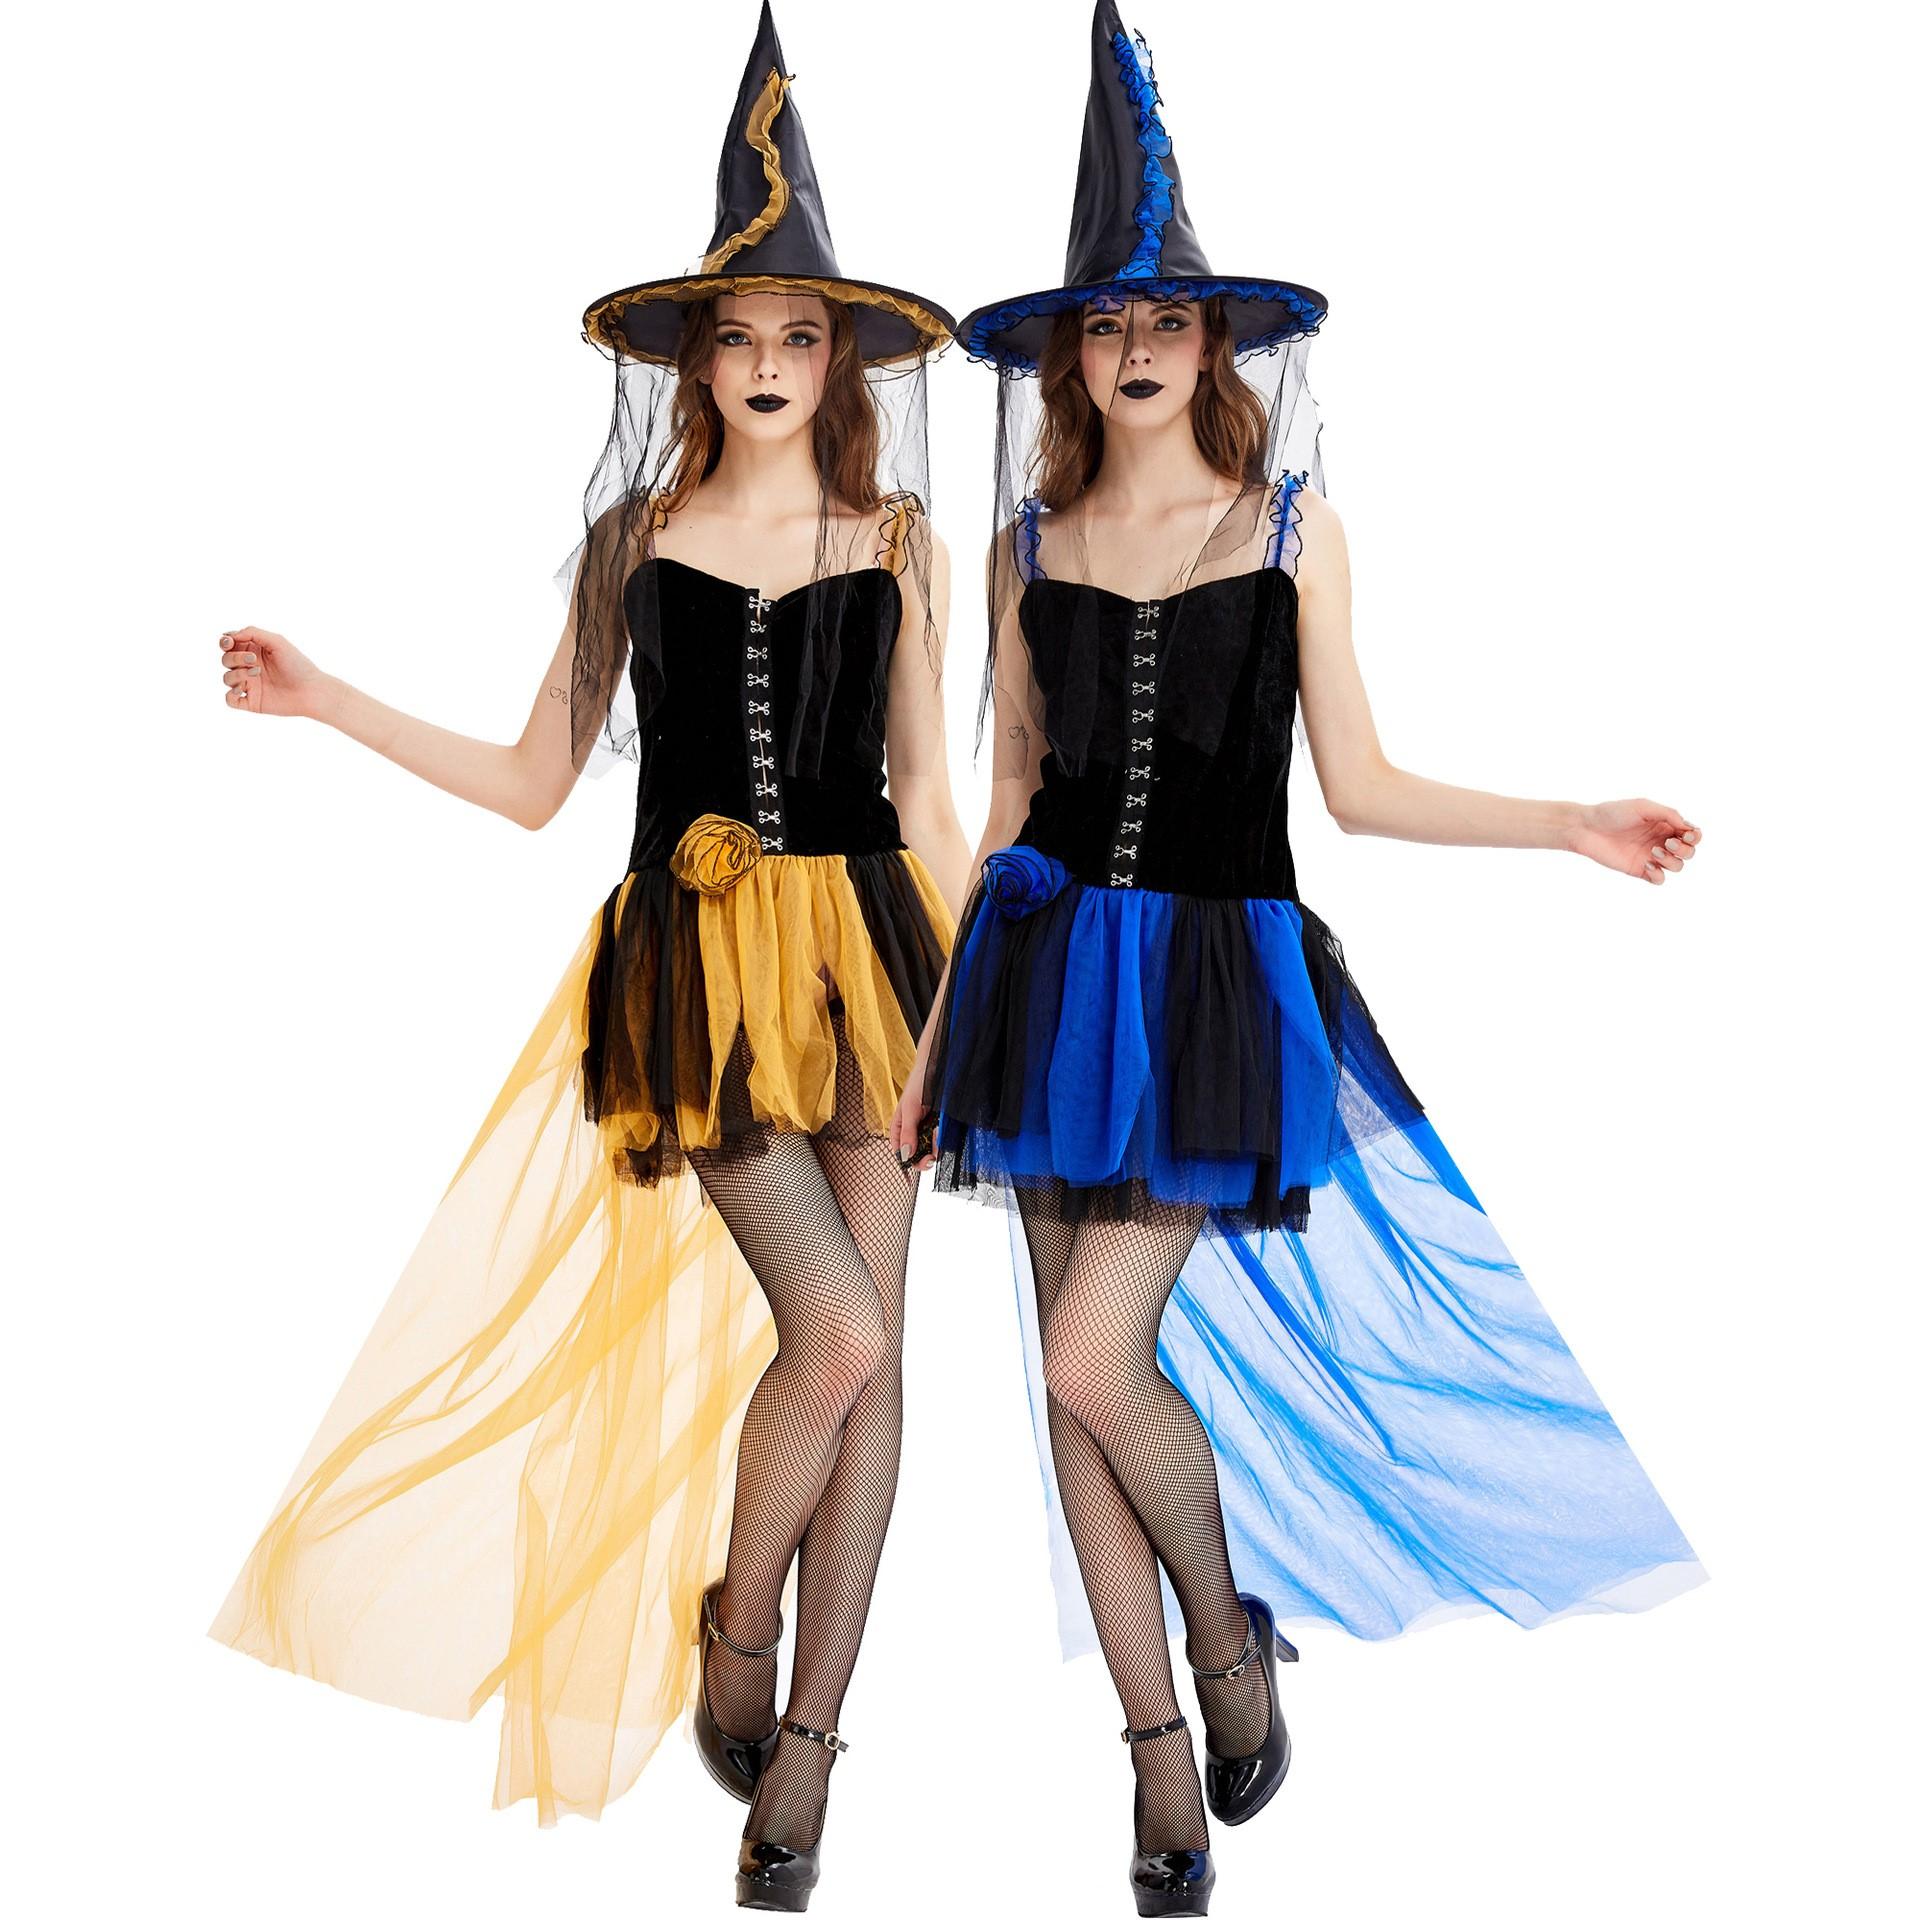 Halloween lady sexy prom costume女士万圣节服装角色扮演巫婆装